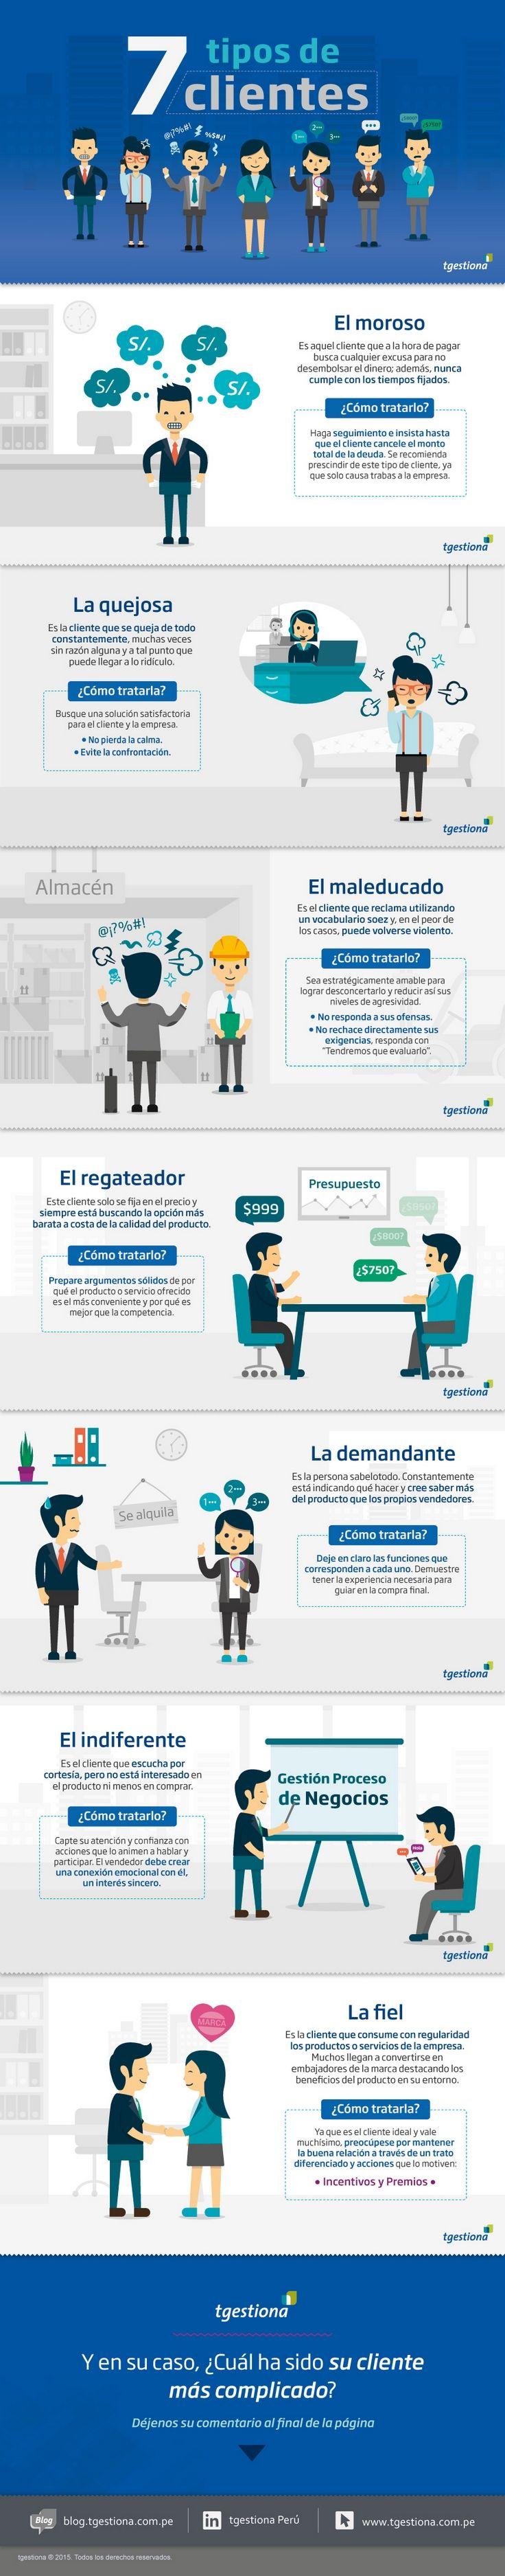 Mi pequeños aportes: 7 tipos de clientes  Aquí les dejo una infografía con 7 tipos de clientes #Marketing #Emprender #Infografia